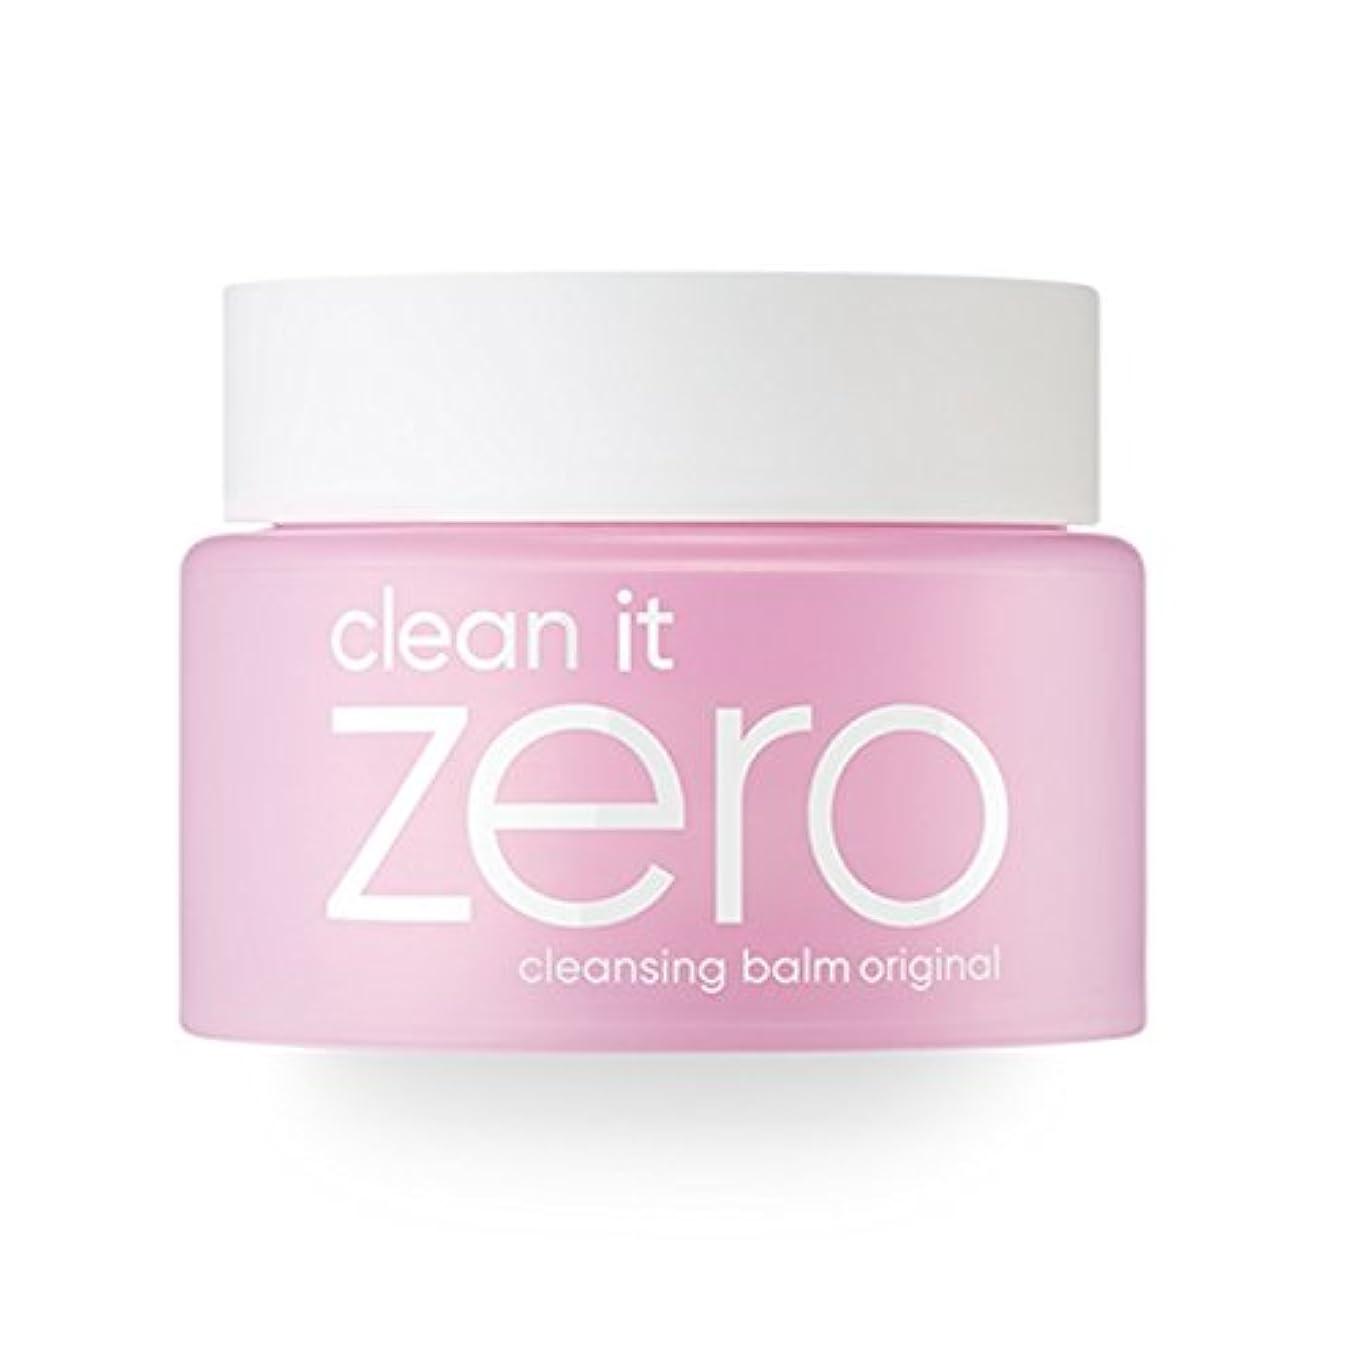 隔離する買い手蘇生するBanila.co クリーン イット ゼロ クレンジングバーム オリジナル / Clean it Zero Cleansing Balm Original (100ml)